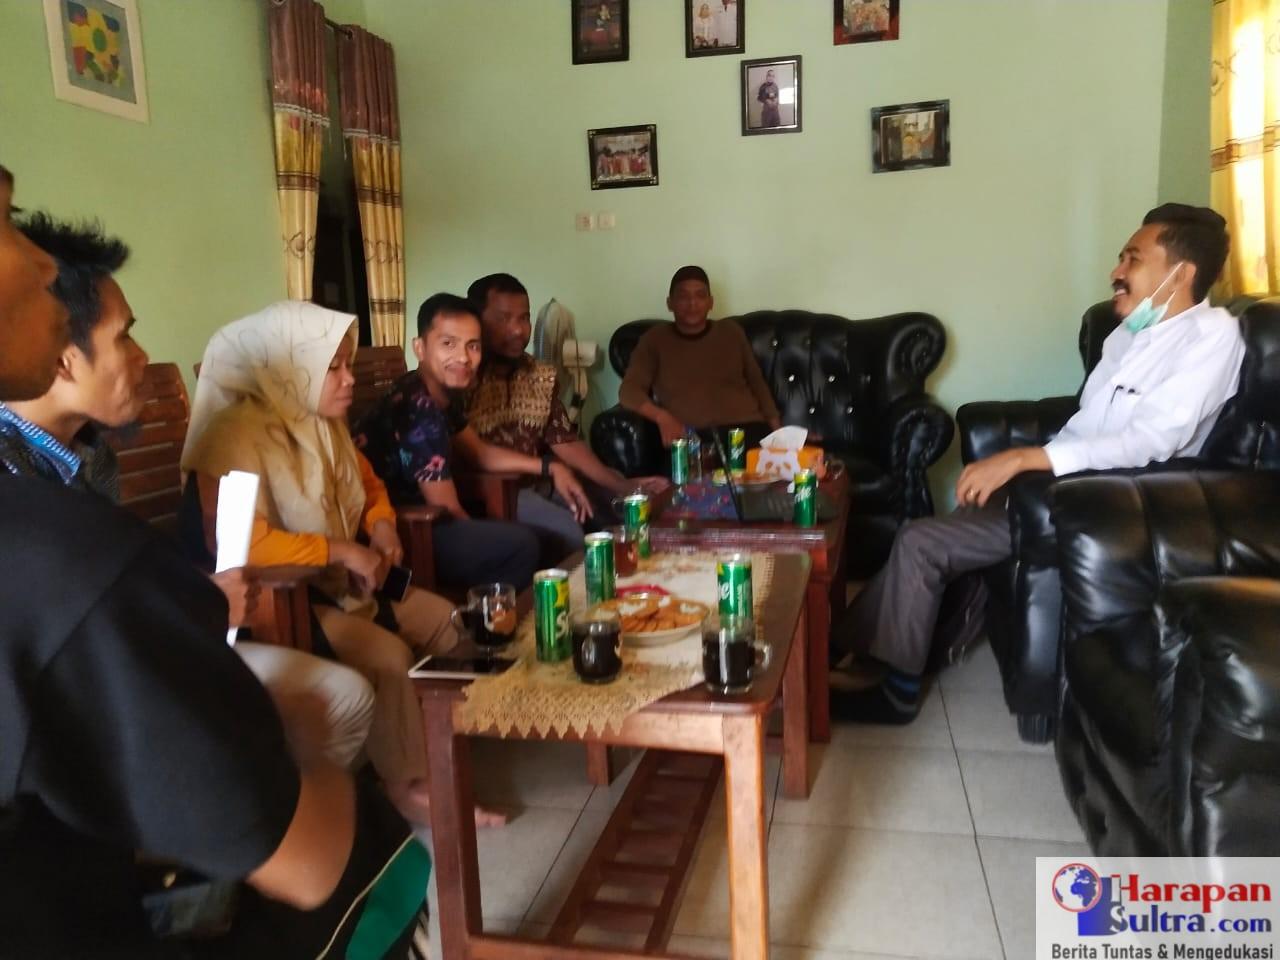 Kepala Desa Lapandewa Makmur saat menerima tamu di kediamannya